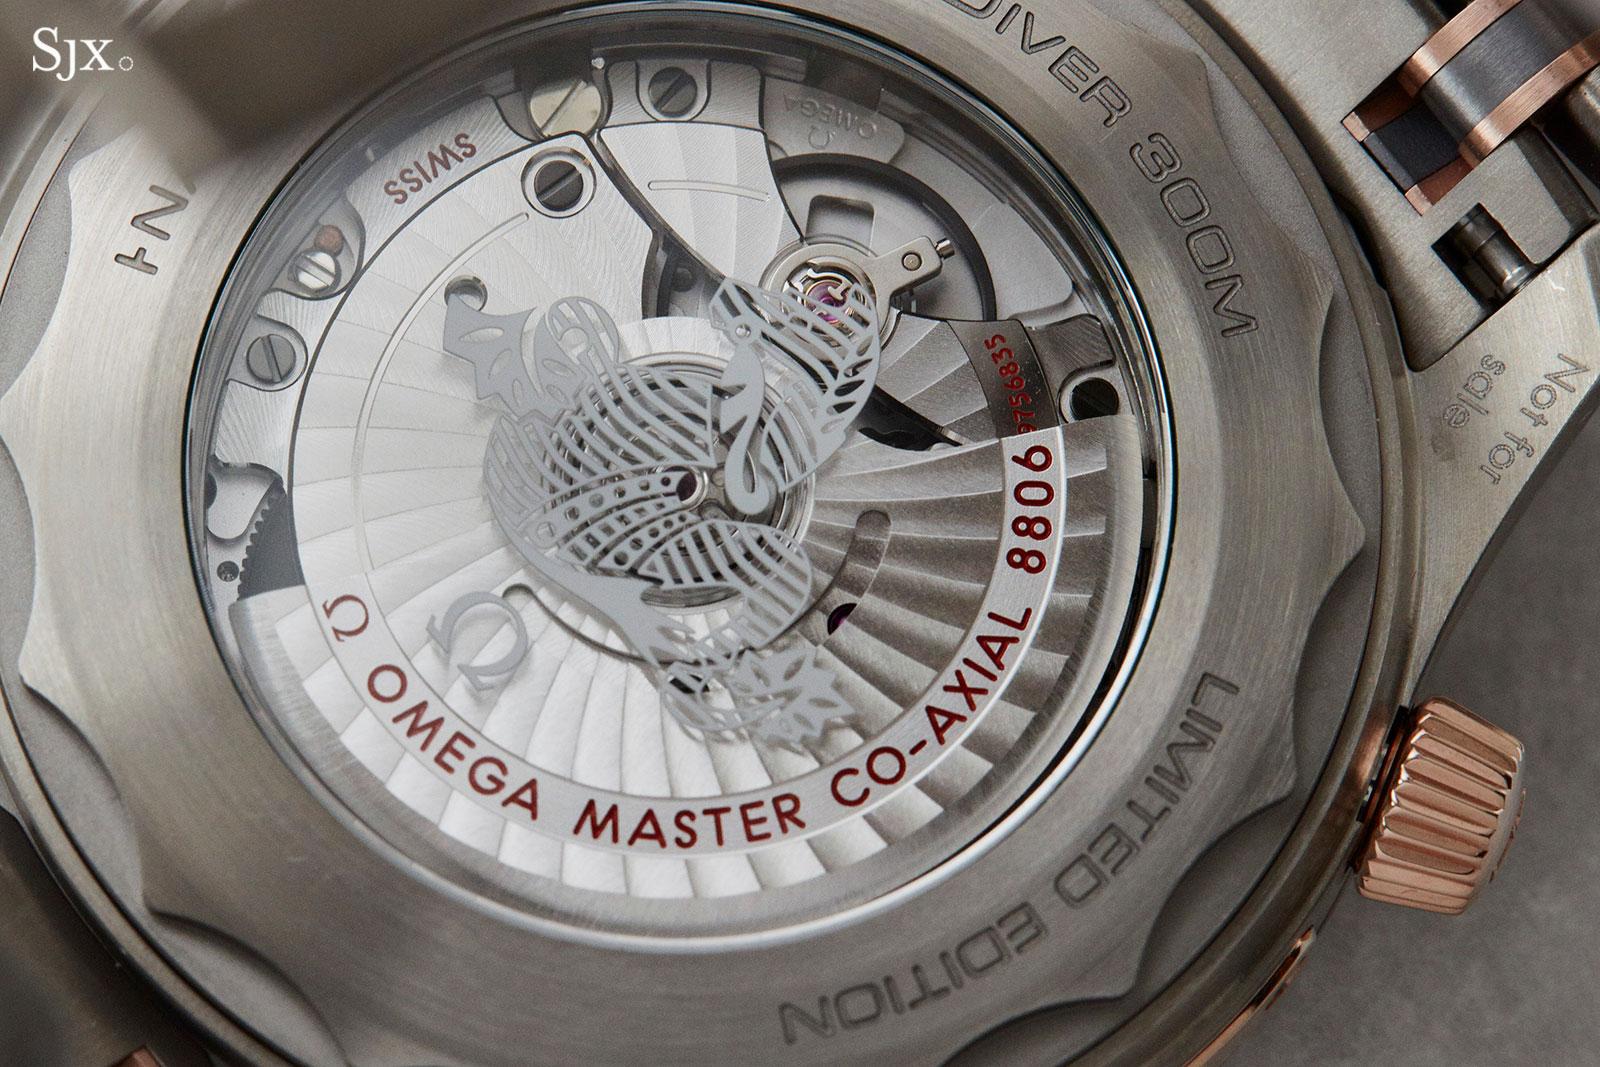 Omega Seamaster Diver 300m Titanium Tantalum 3